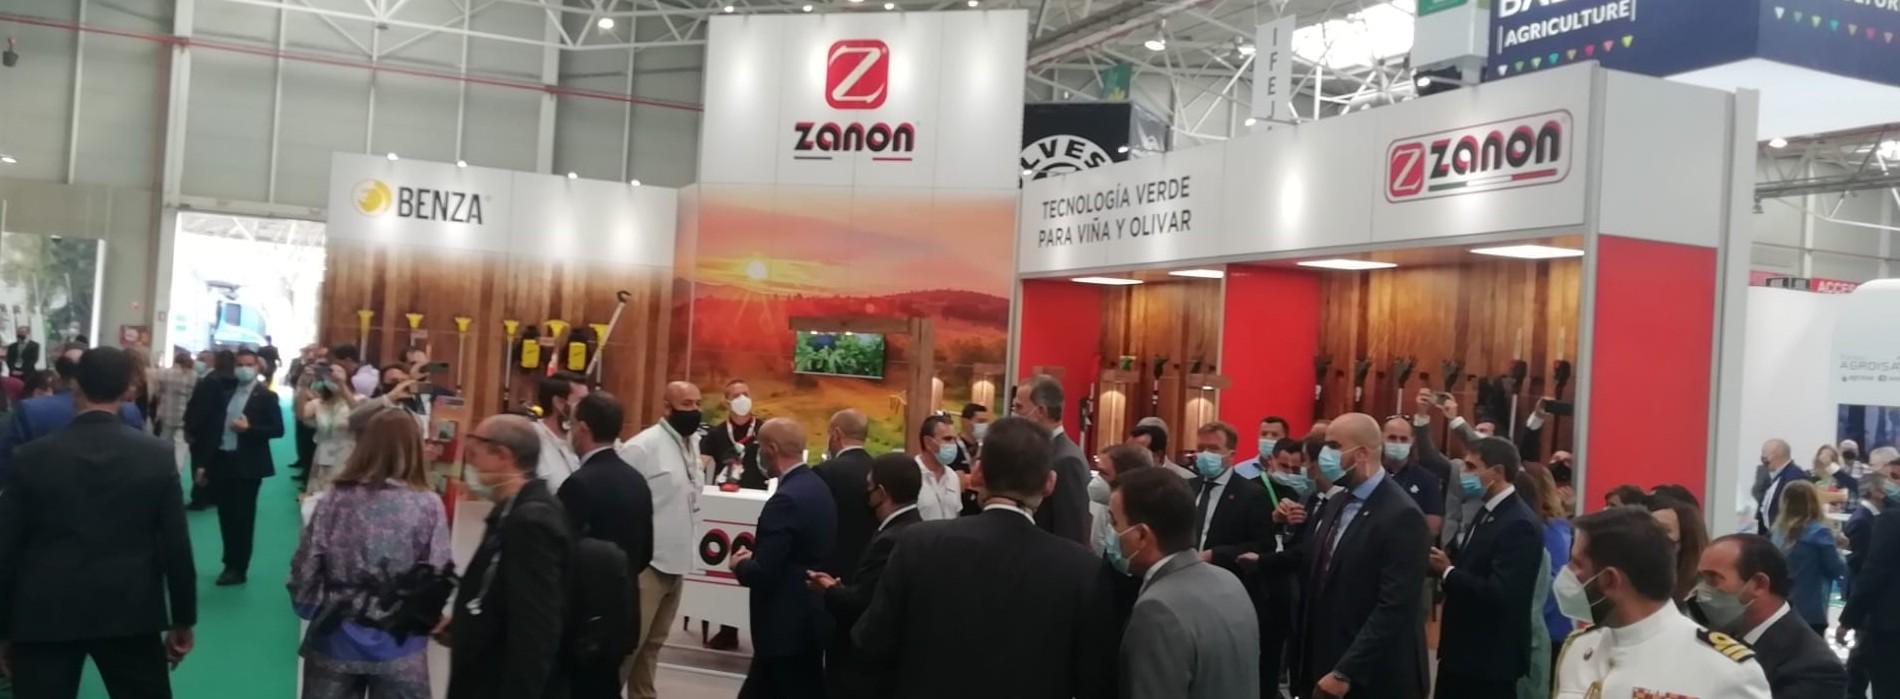 INTERNACO presenta en la feria Expoliva 2021 su propuesta de maquinaria para el sector olivarero